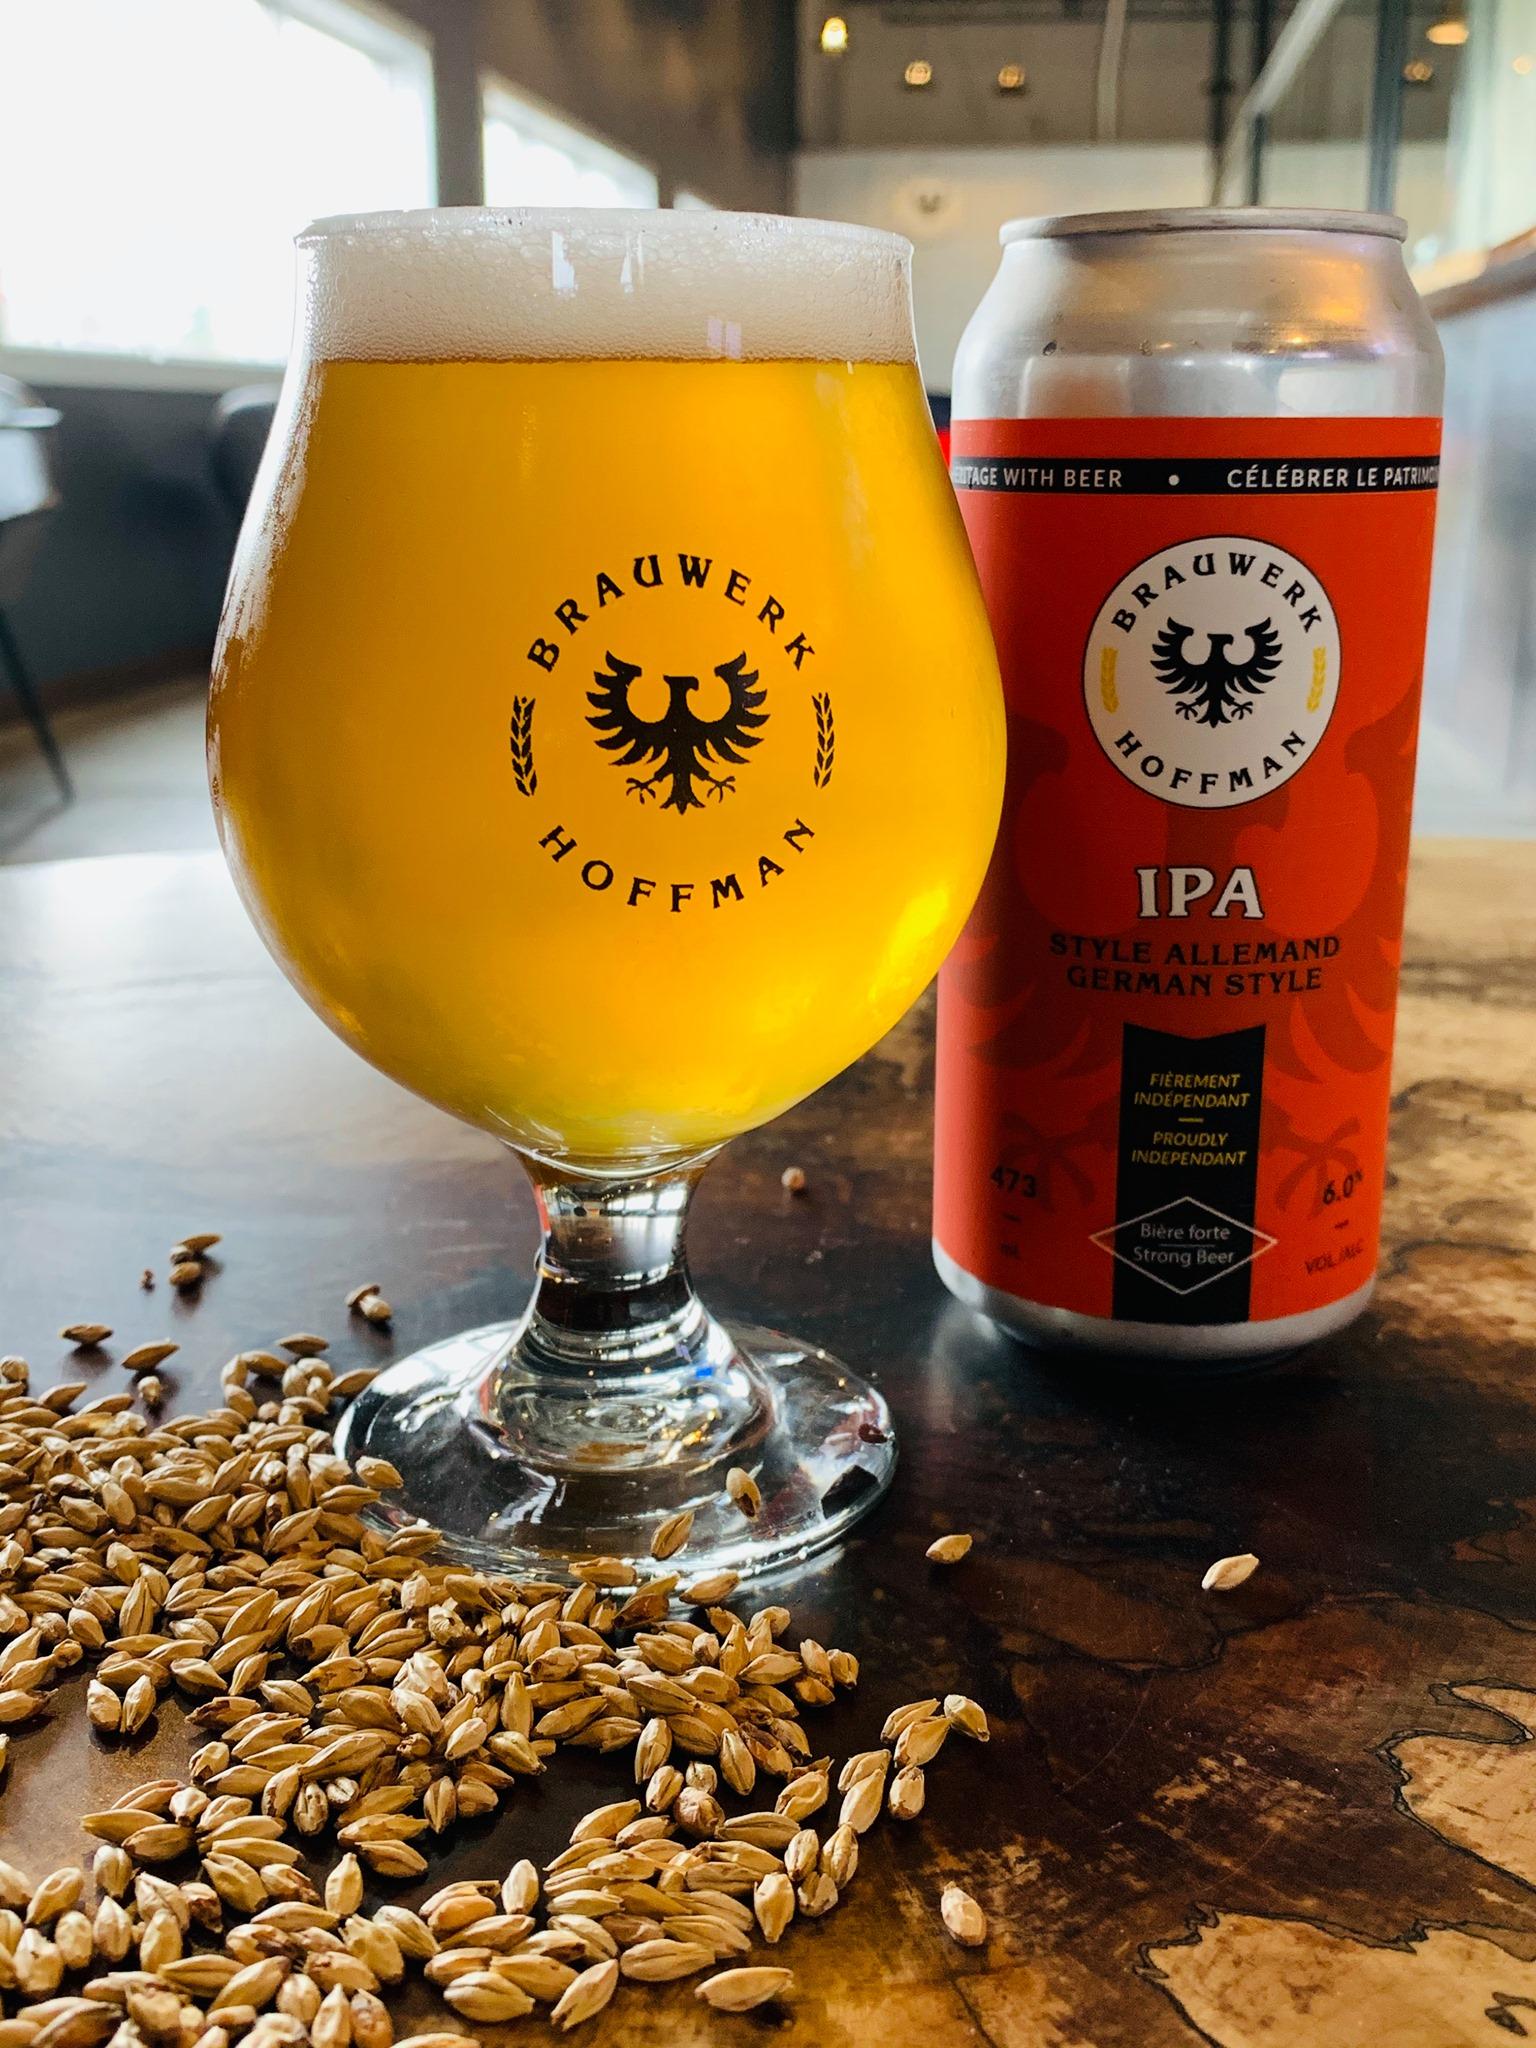 IPA Beer & Glass at Brauwerk Hoffman Rockland Brewery